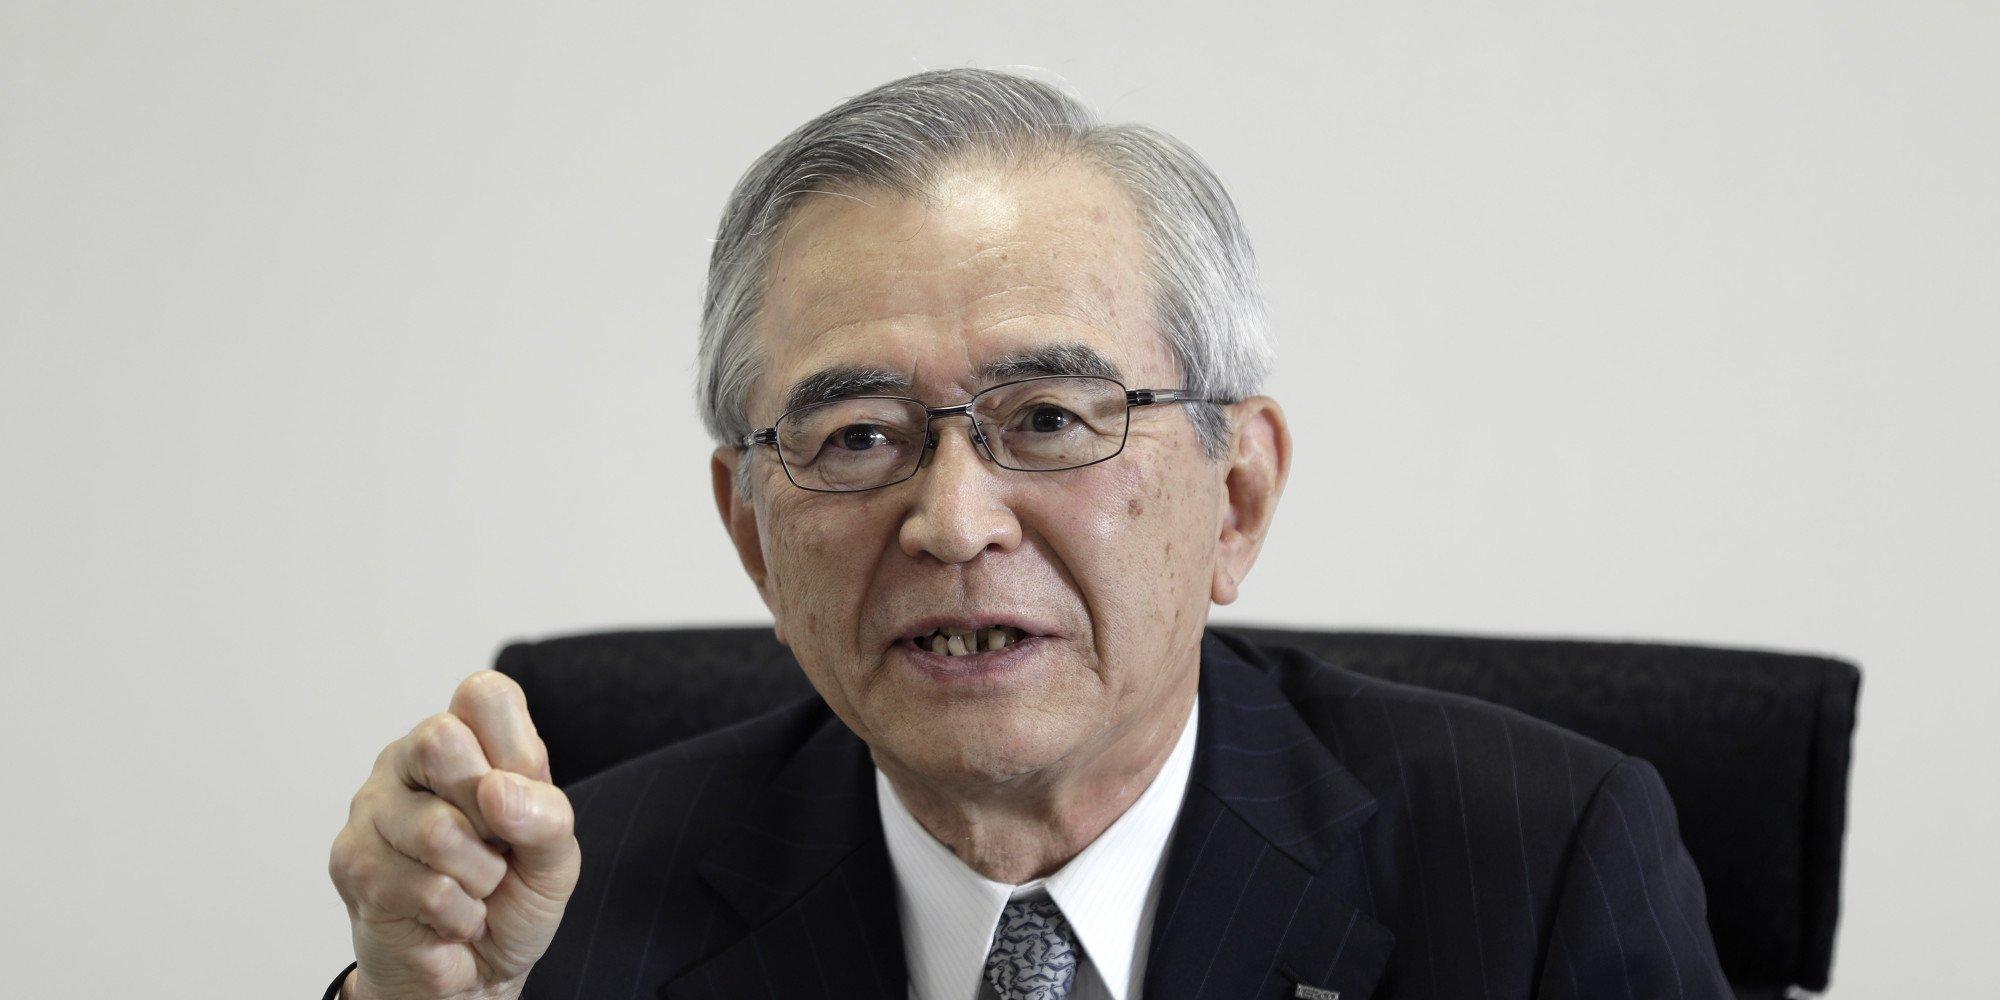 도쿄전력 '후쿠시마 원전 오염수 바다 방출 방침'  https://t.co/PPyFGh043k? https://t.co/kPKZU8EfyO